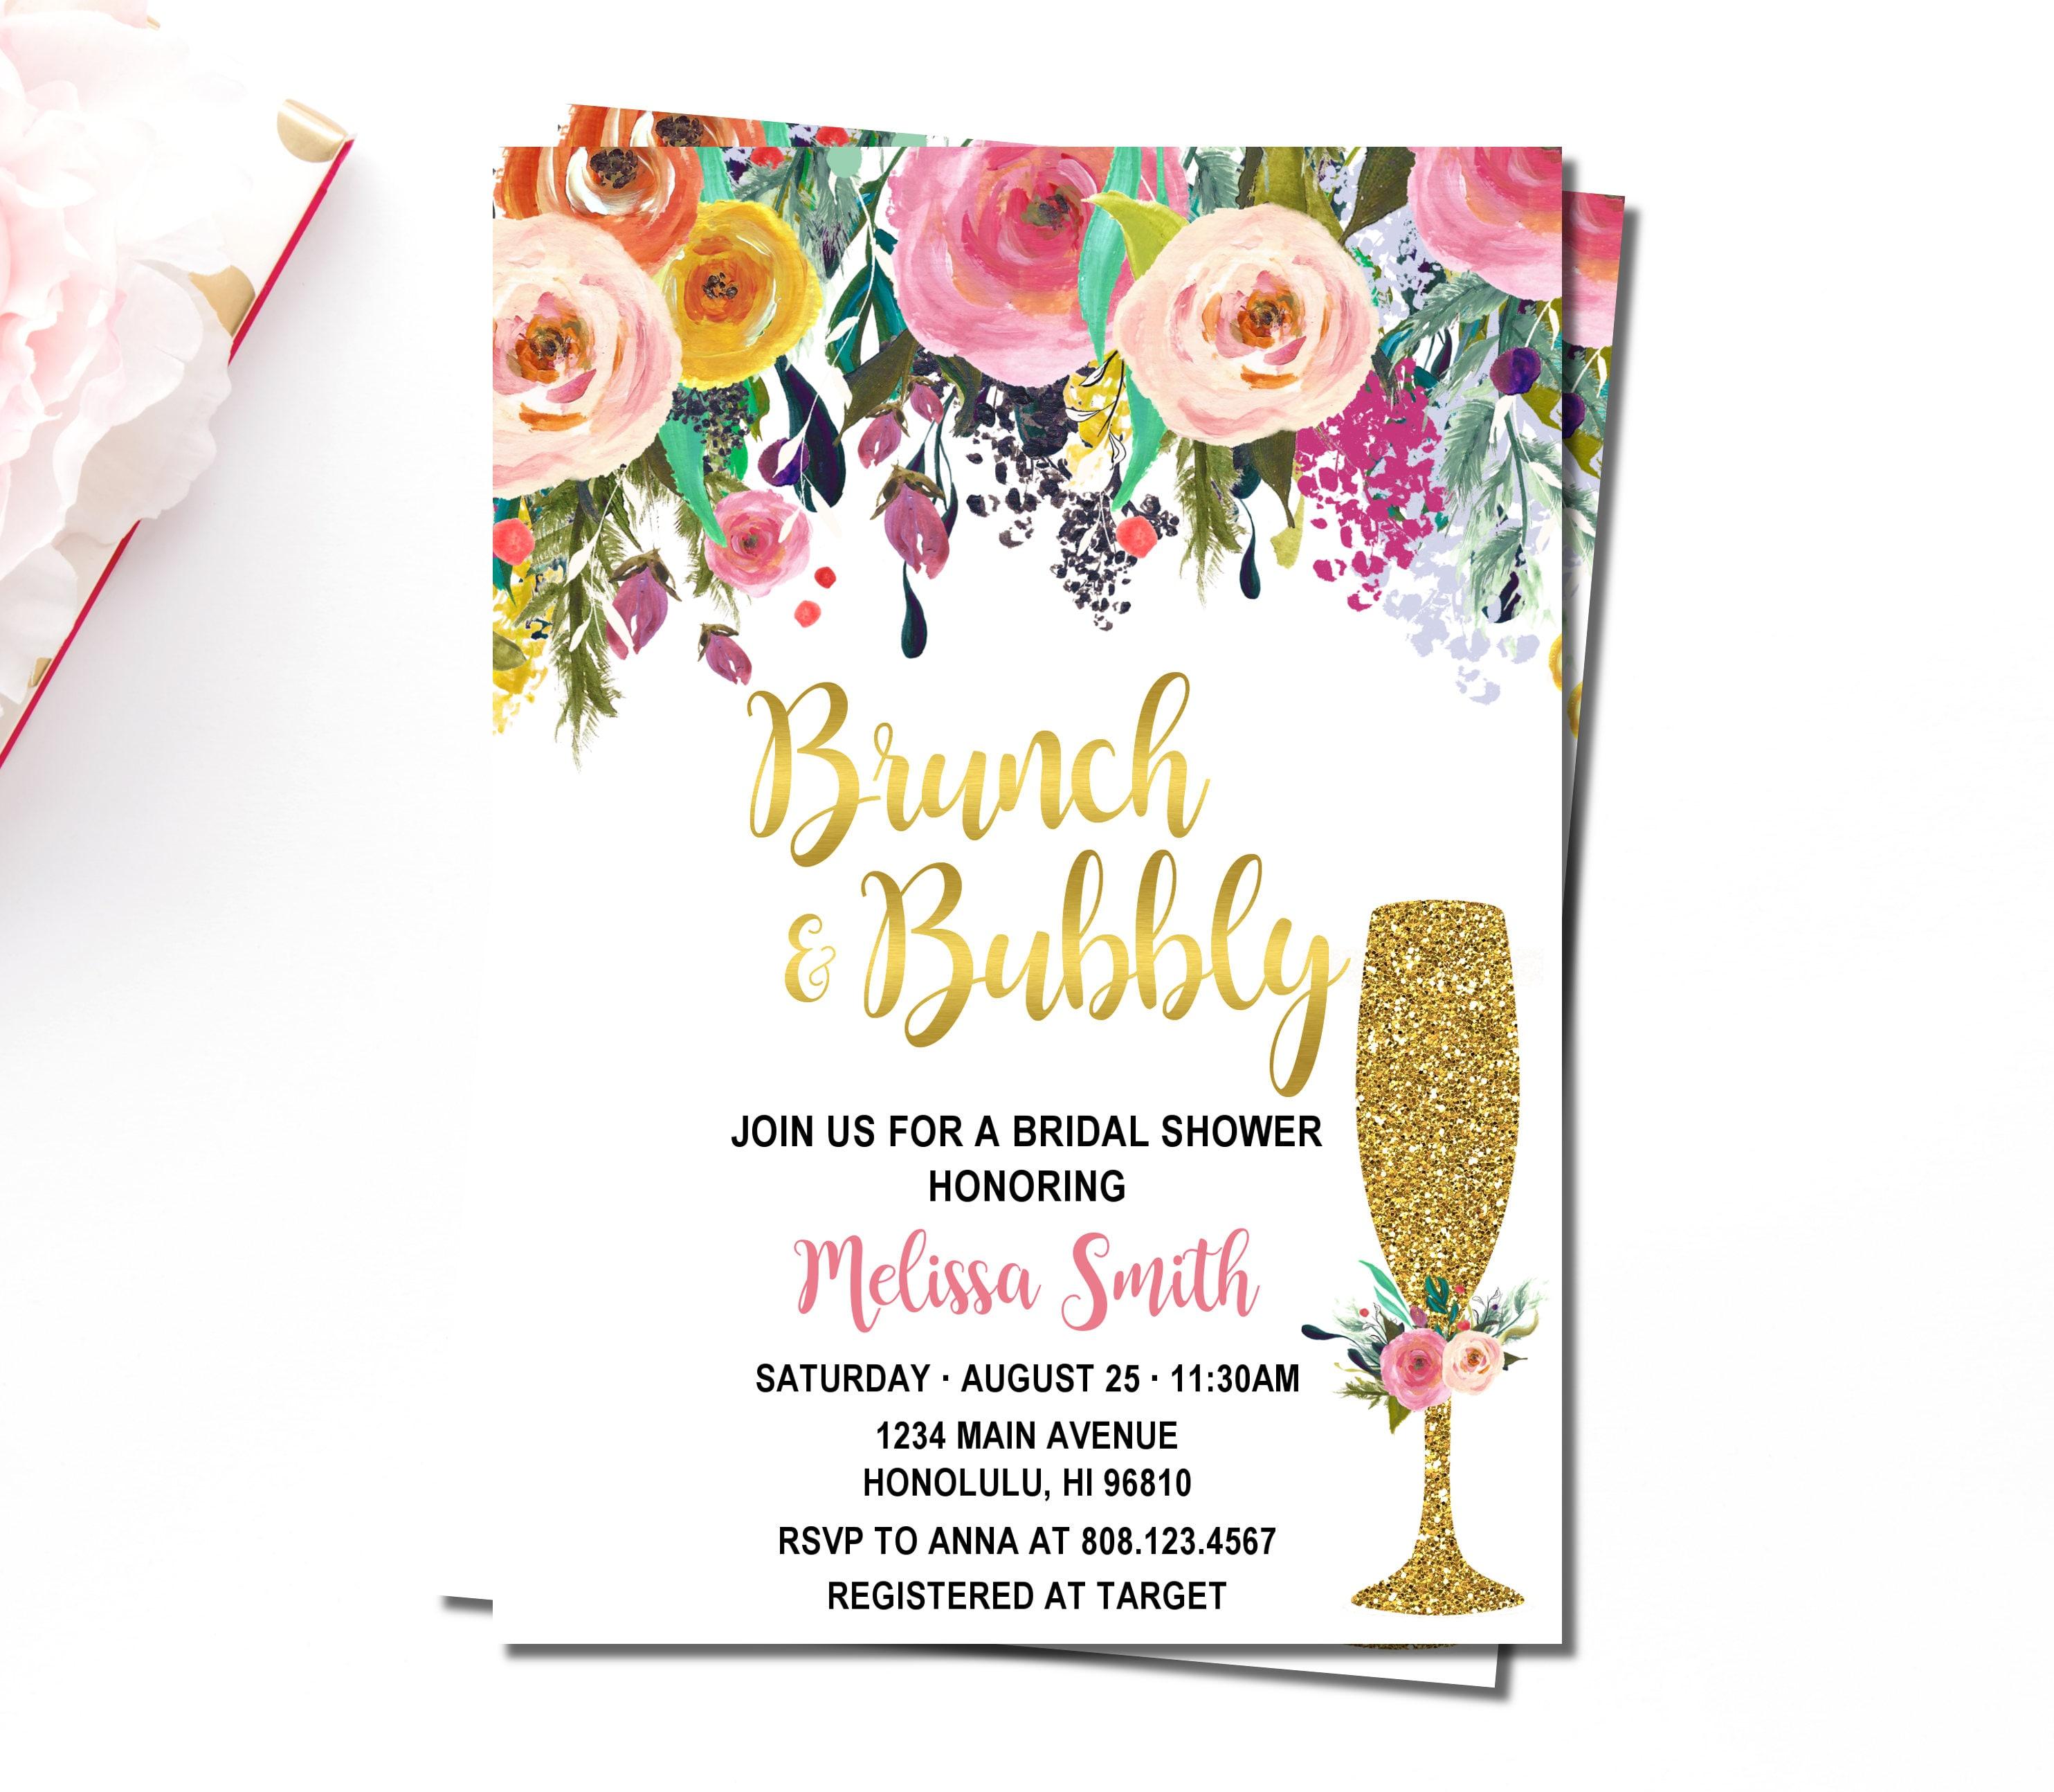 Floral Brunch & Bubbly Bridal Shower Invitation Bridal